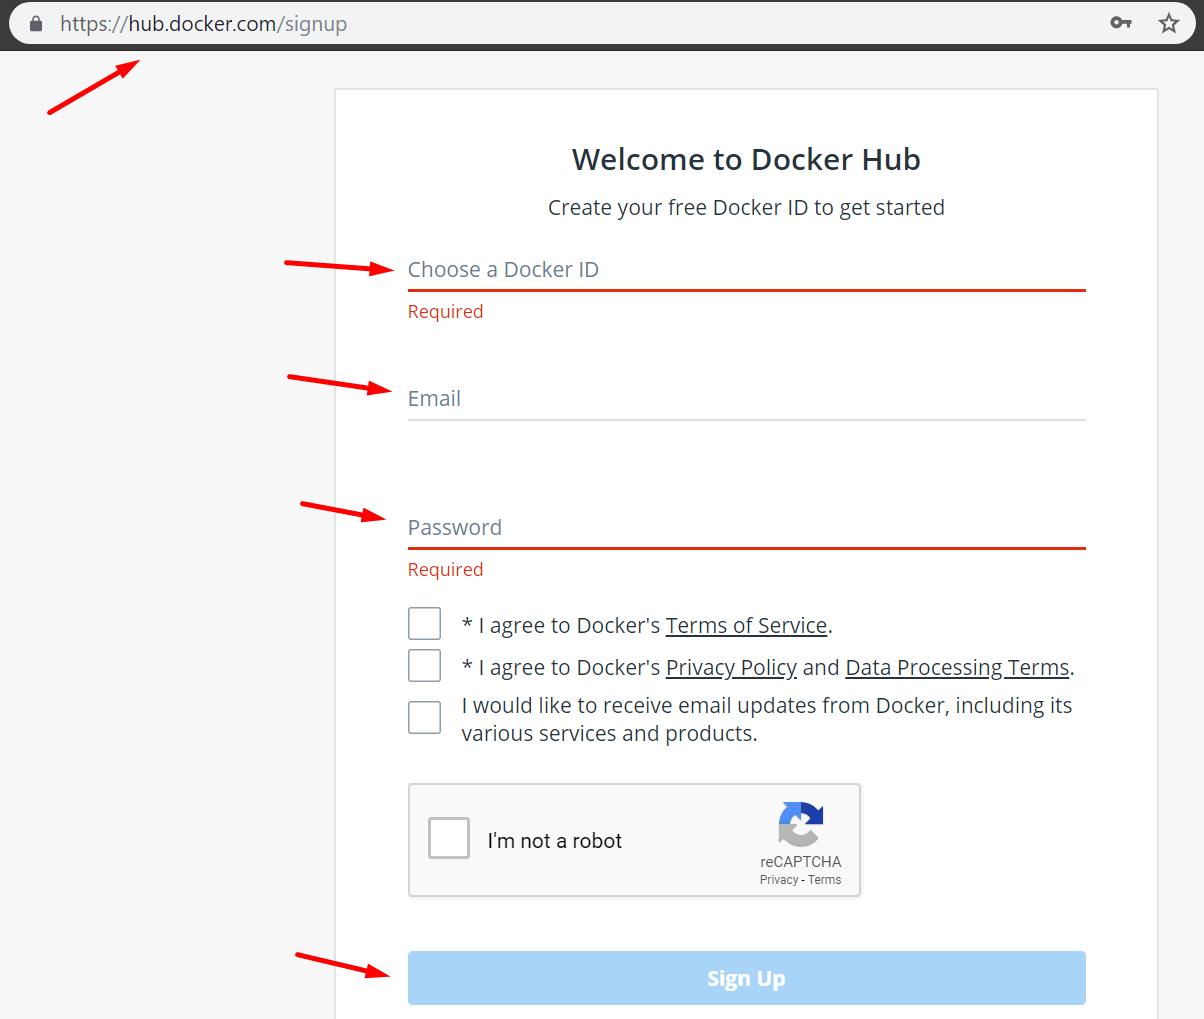 go to hub.docker.com